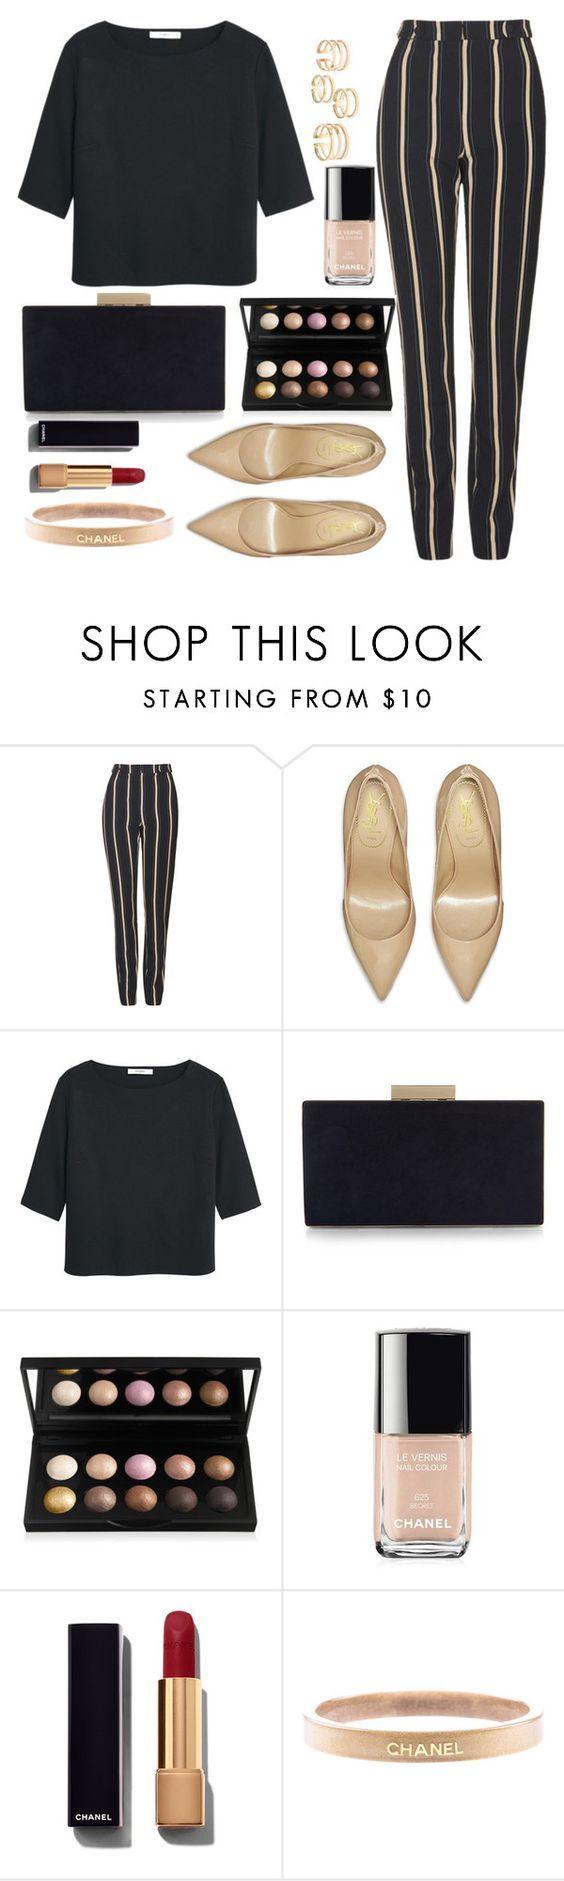 Hoy te compartiré las mejores ideas de moda para mujeres de 40 años que si tu estás en este rango de edad no debes de perderte por nada del mundo nuestros consejos y tips para ser una mujer con mucho estilo.